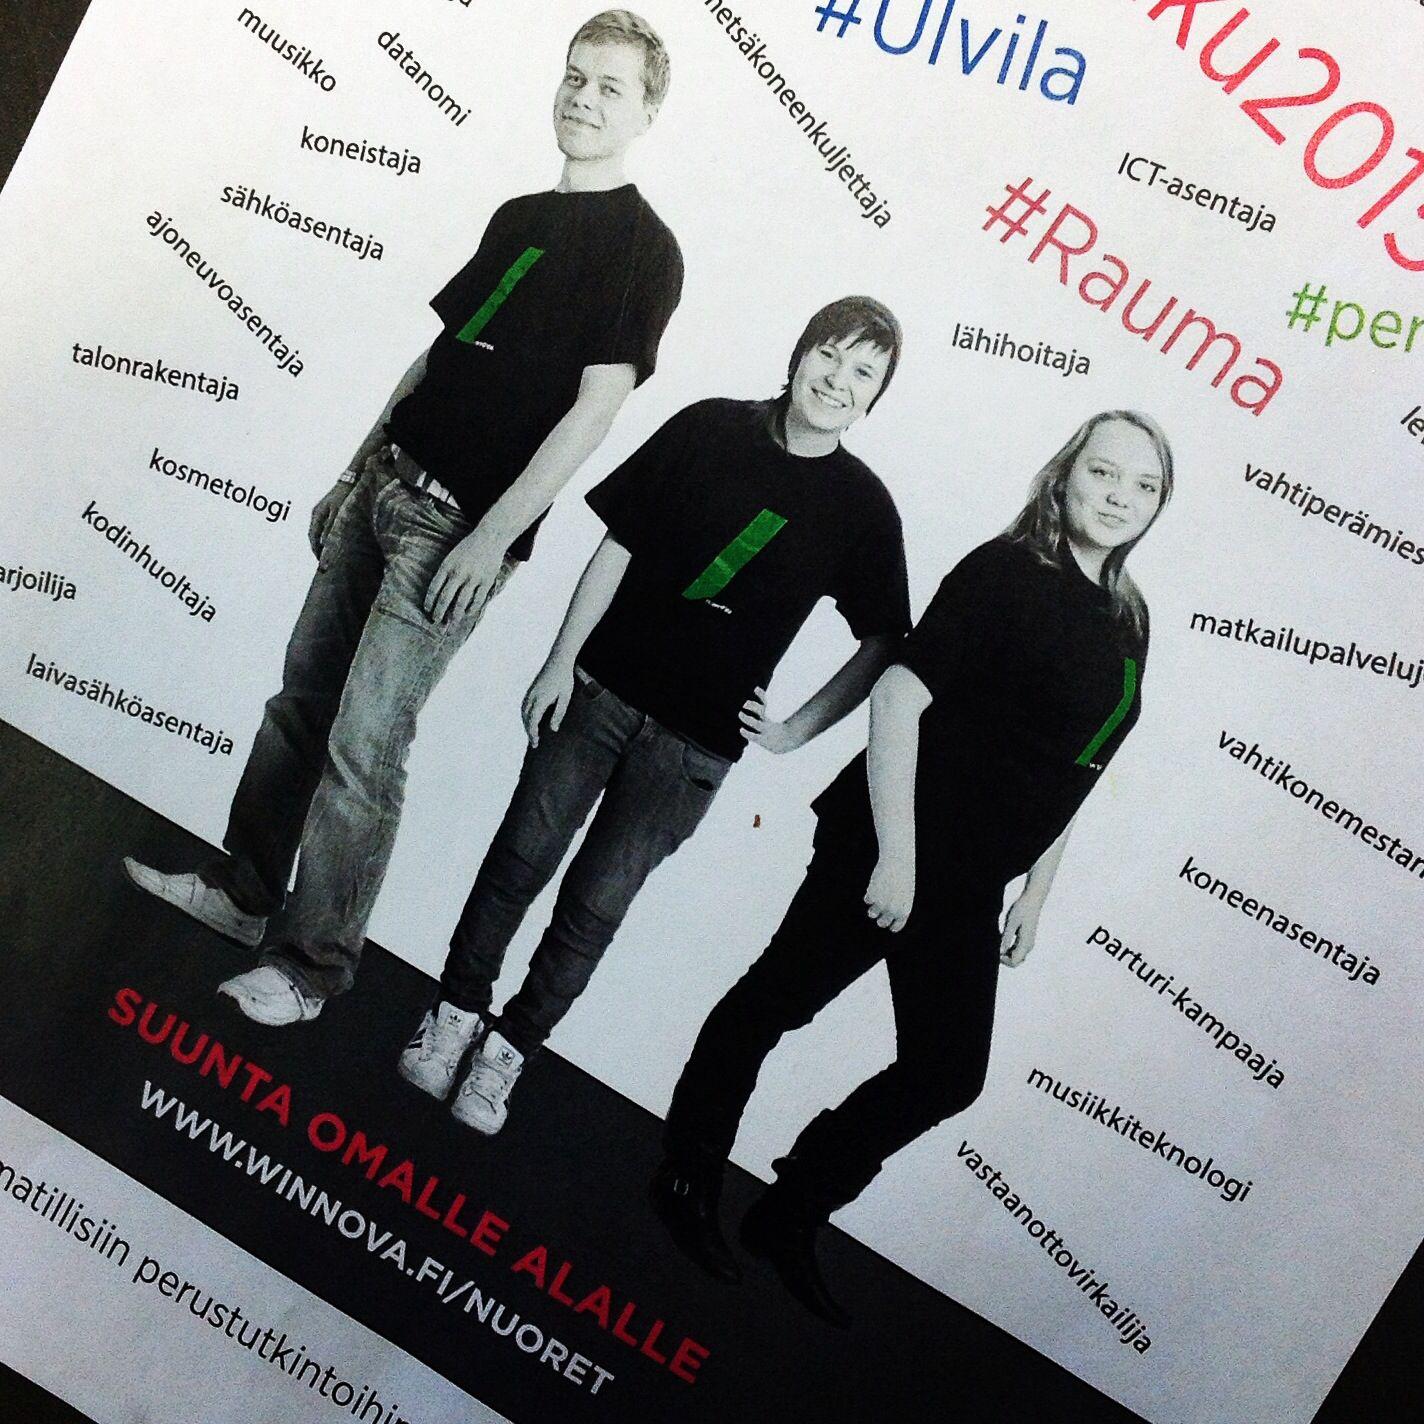 Suunta omalle alalle. Tutustu ammatillisiin perustutkintoihimme www.winnova.fi/yhteishakuesite2015. #WinNova #yhteishaku #yhteishaku2015 #Opintopolku #opiskelu #ammatti  #perustutkinto #Pori #Rauma #Ulvila